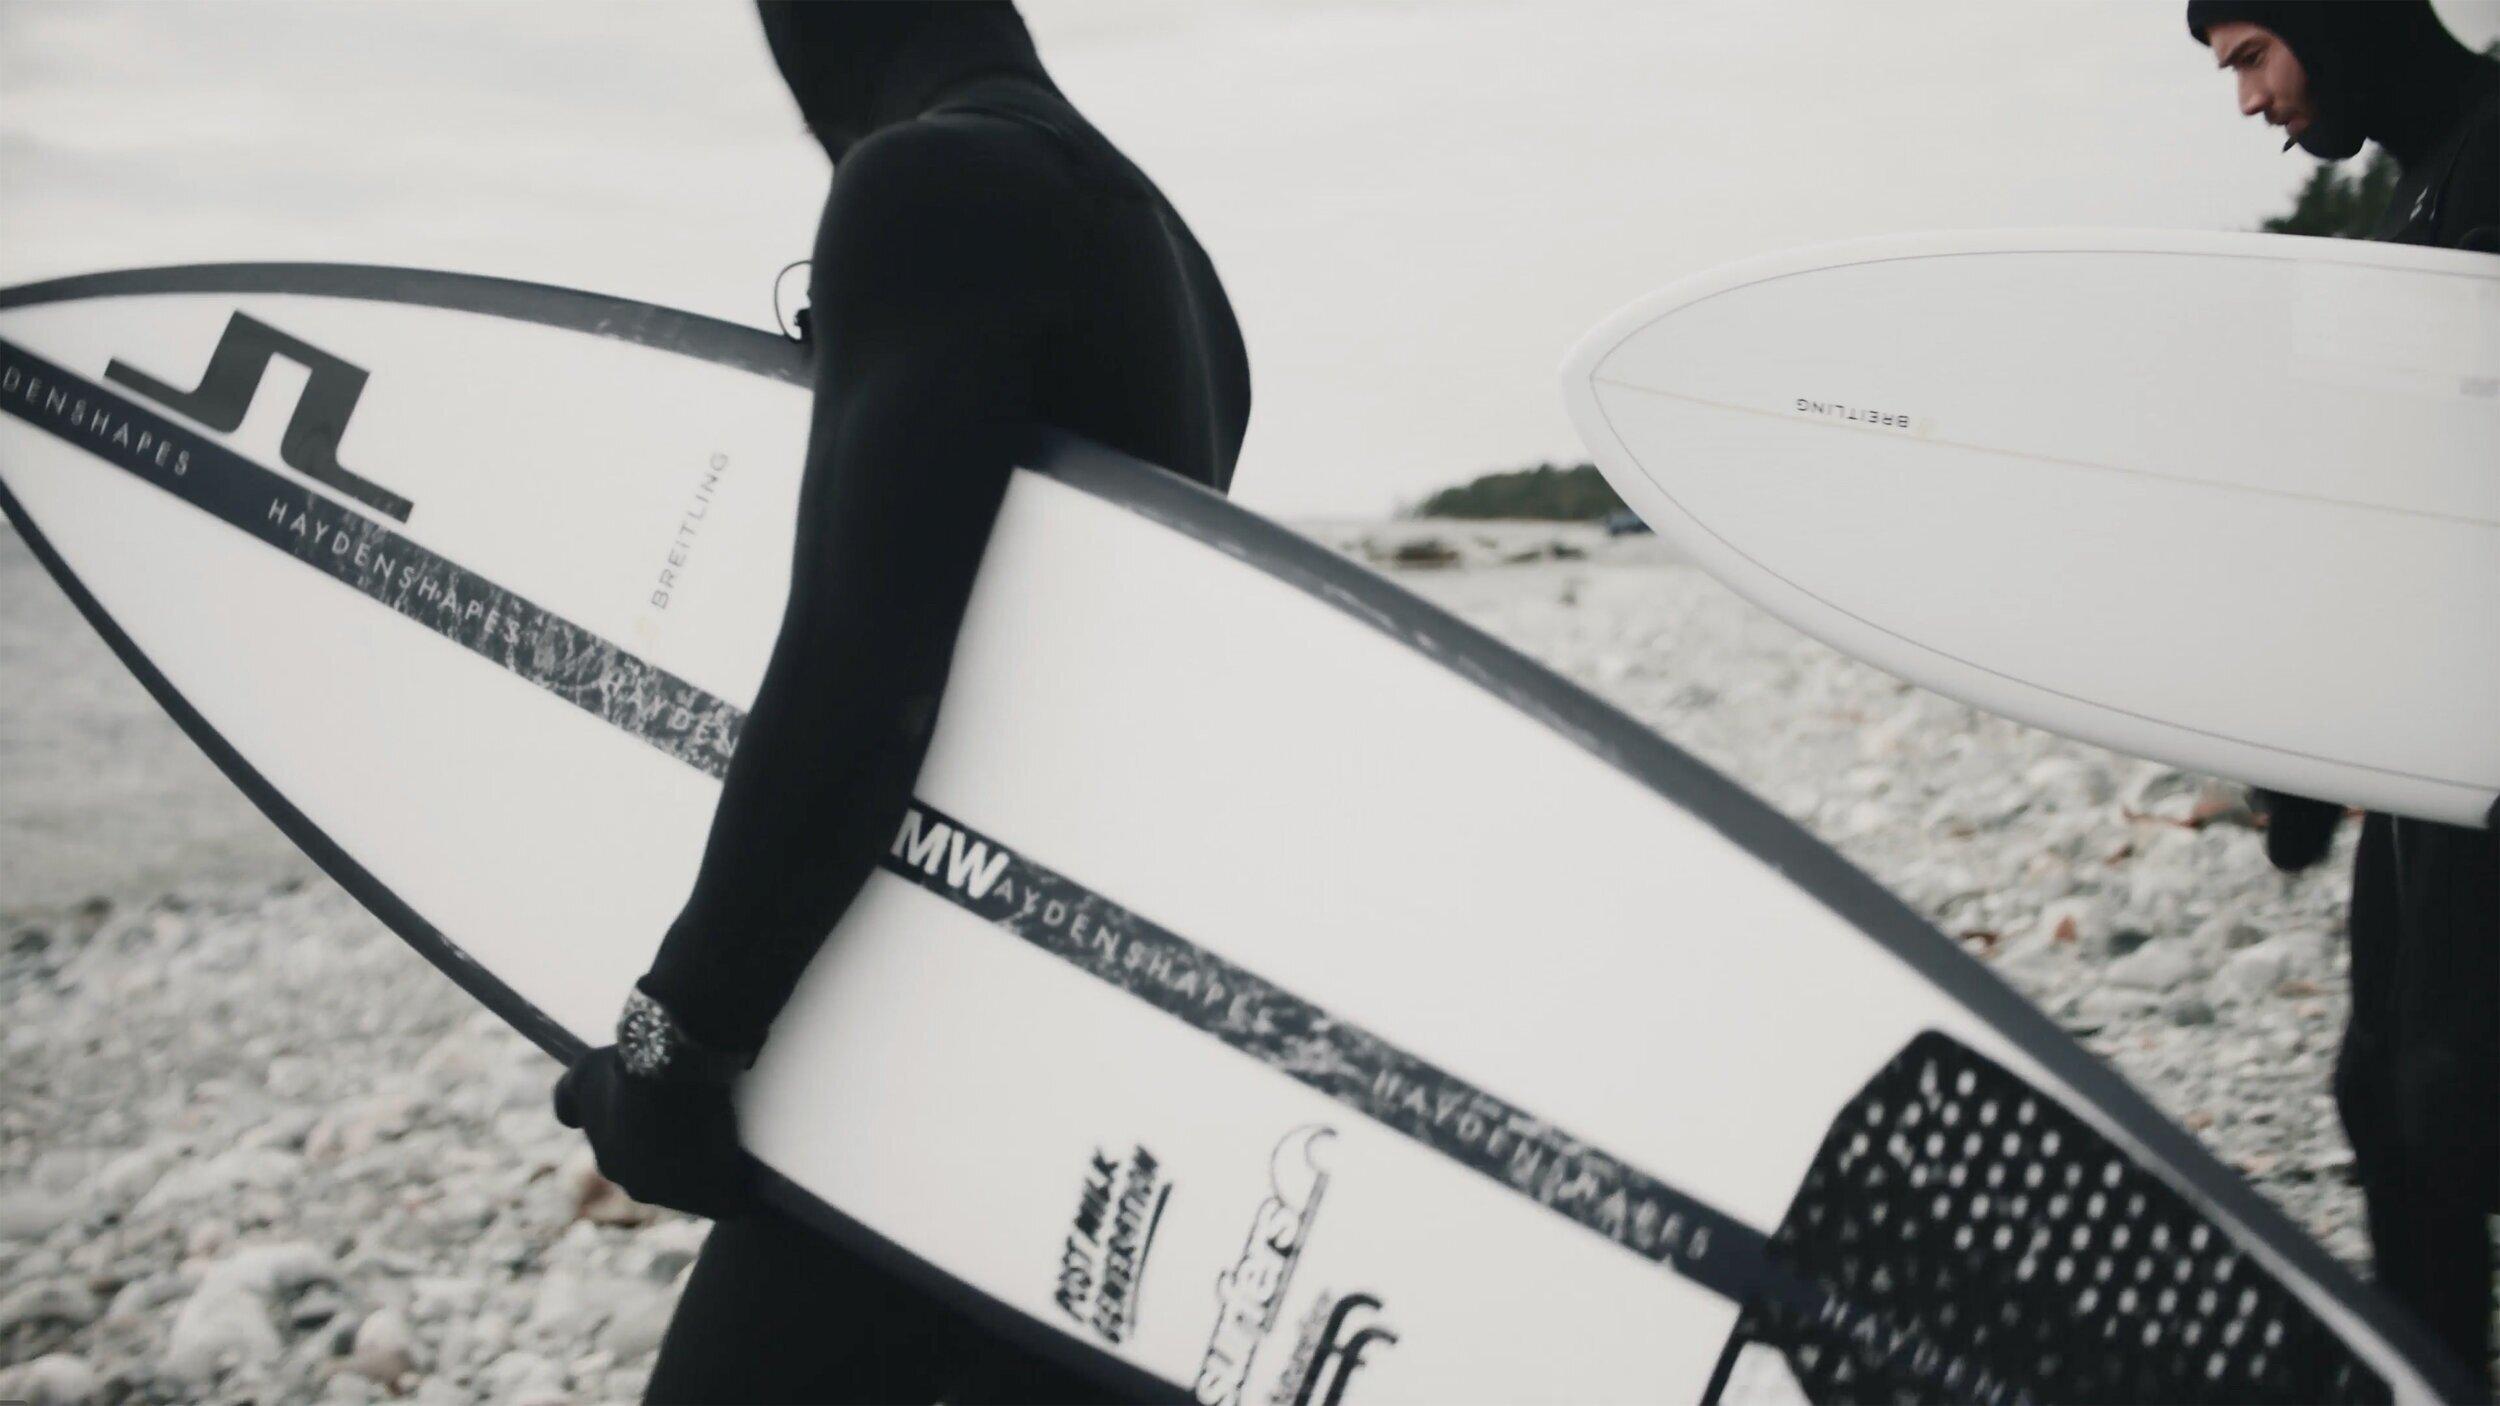 Breitling / Surfer Squad